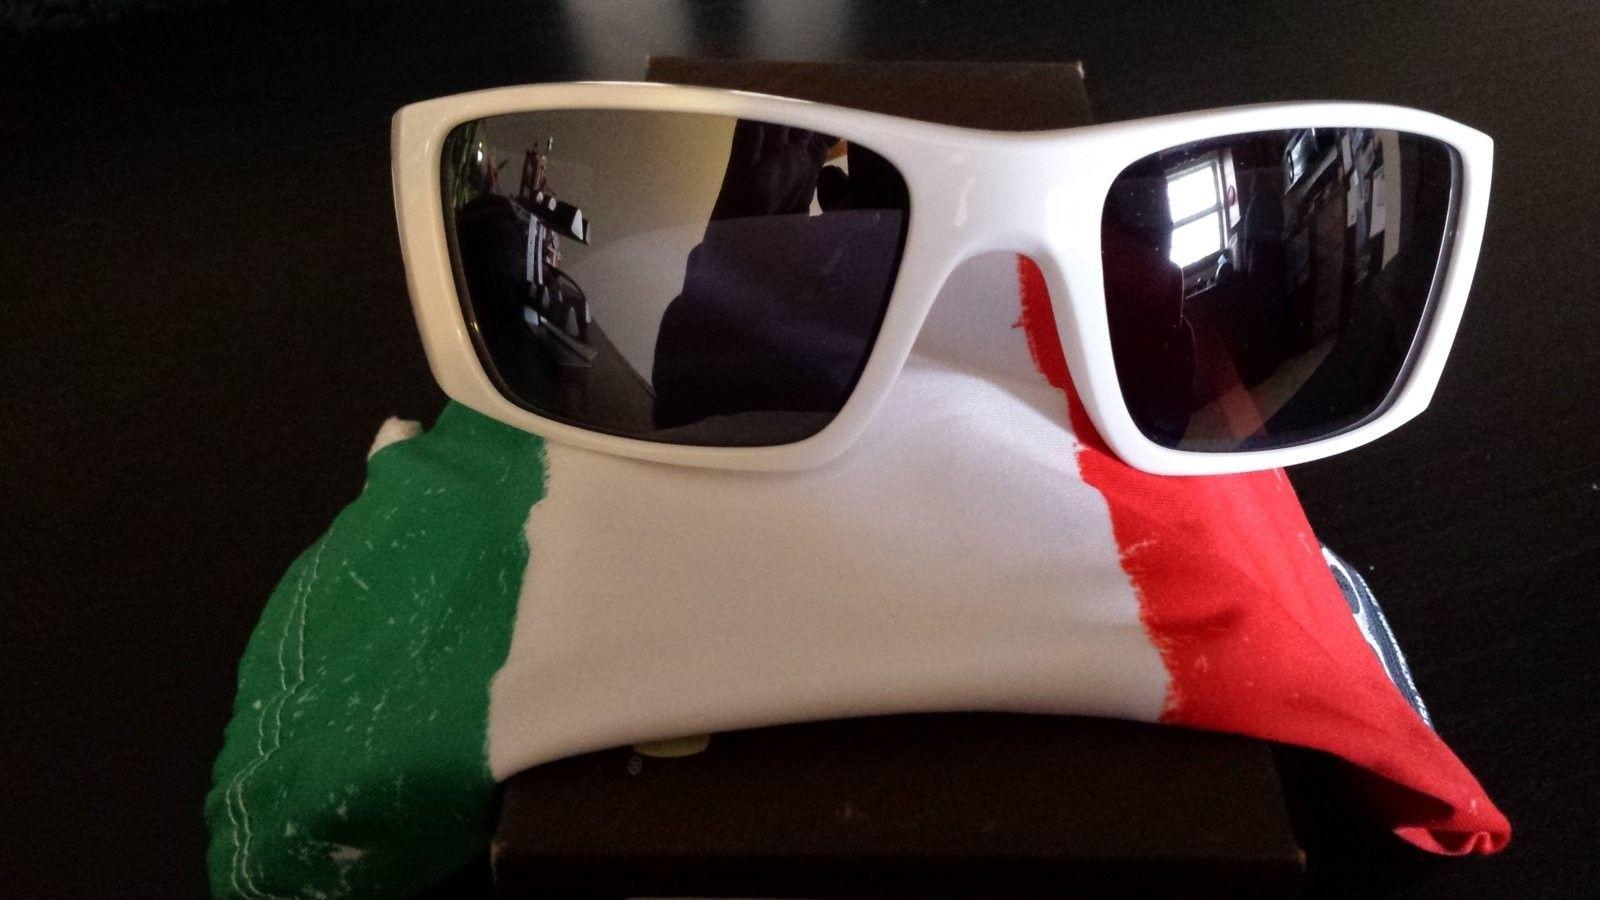 White/Italian Fuel Cell - 20160411_143347[1].jpg